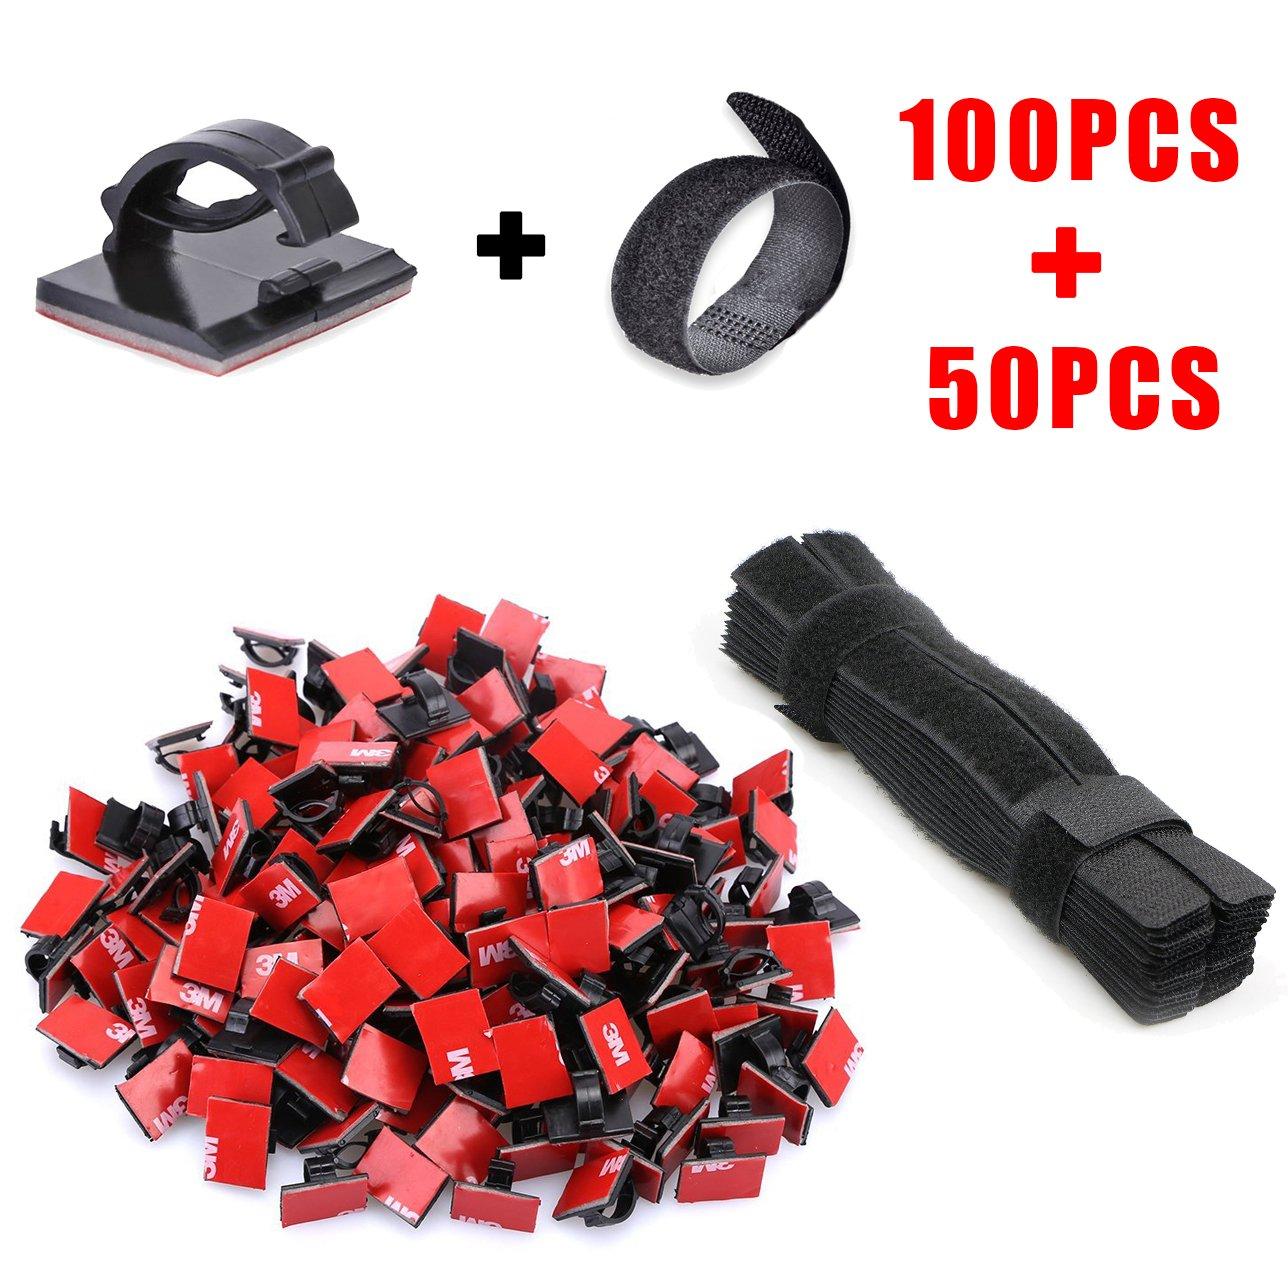 Kabelmanagement System Kabel-Clips und Klettverschluss - 100 Stück ...